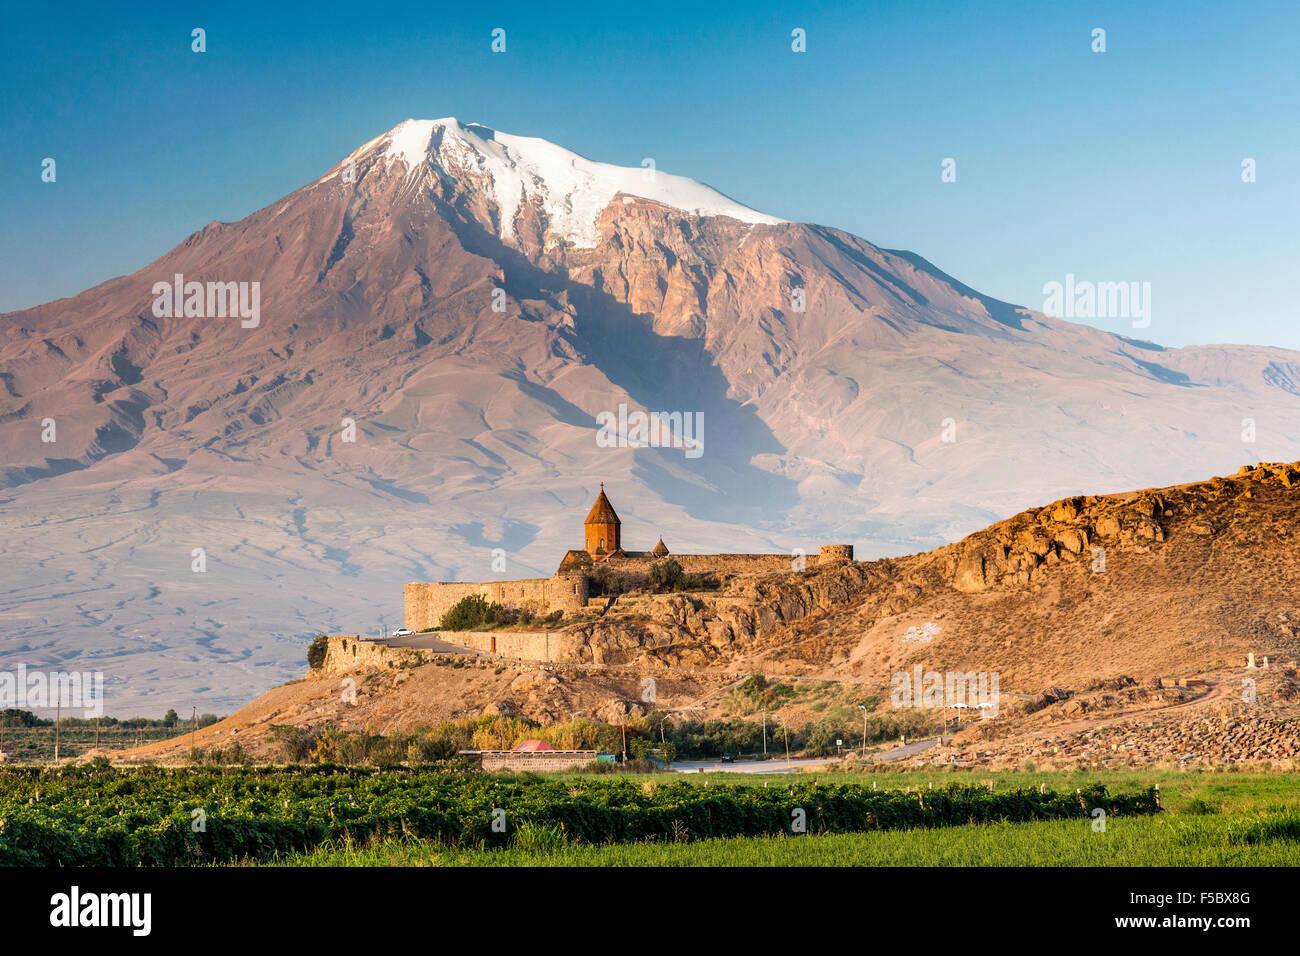 O mosteiro de Khor Virap na Arménia e no Monte Ararat na Turquia. Imagens de Stock